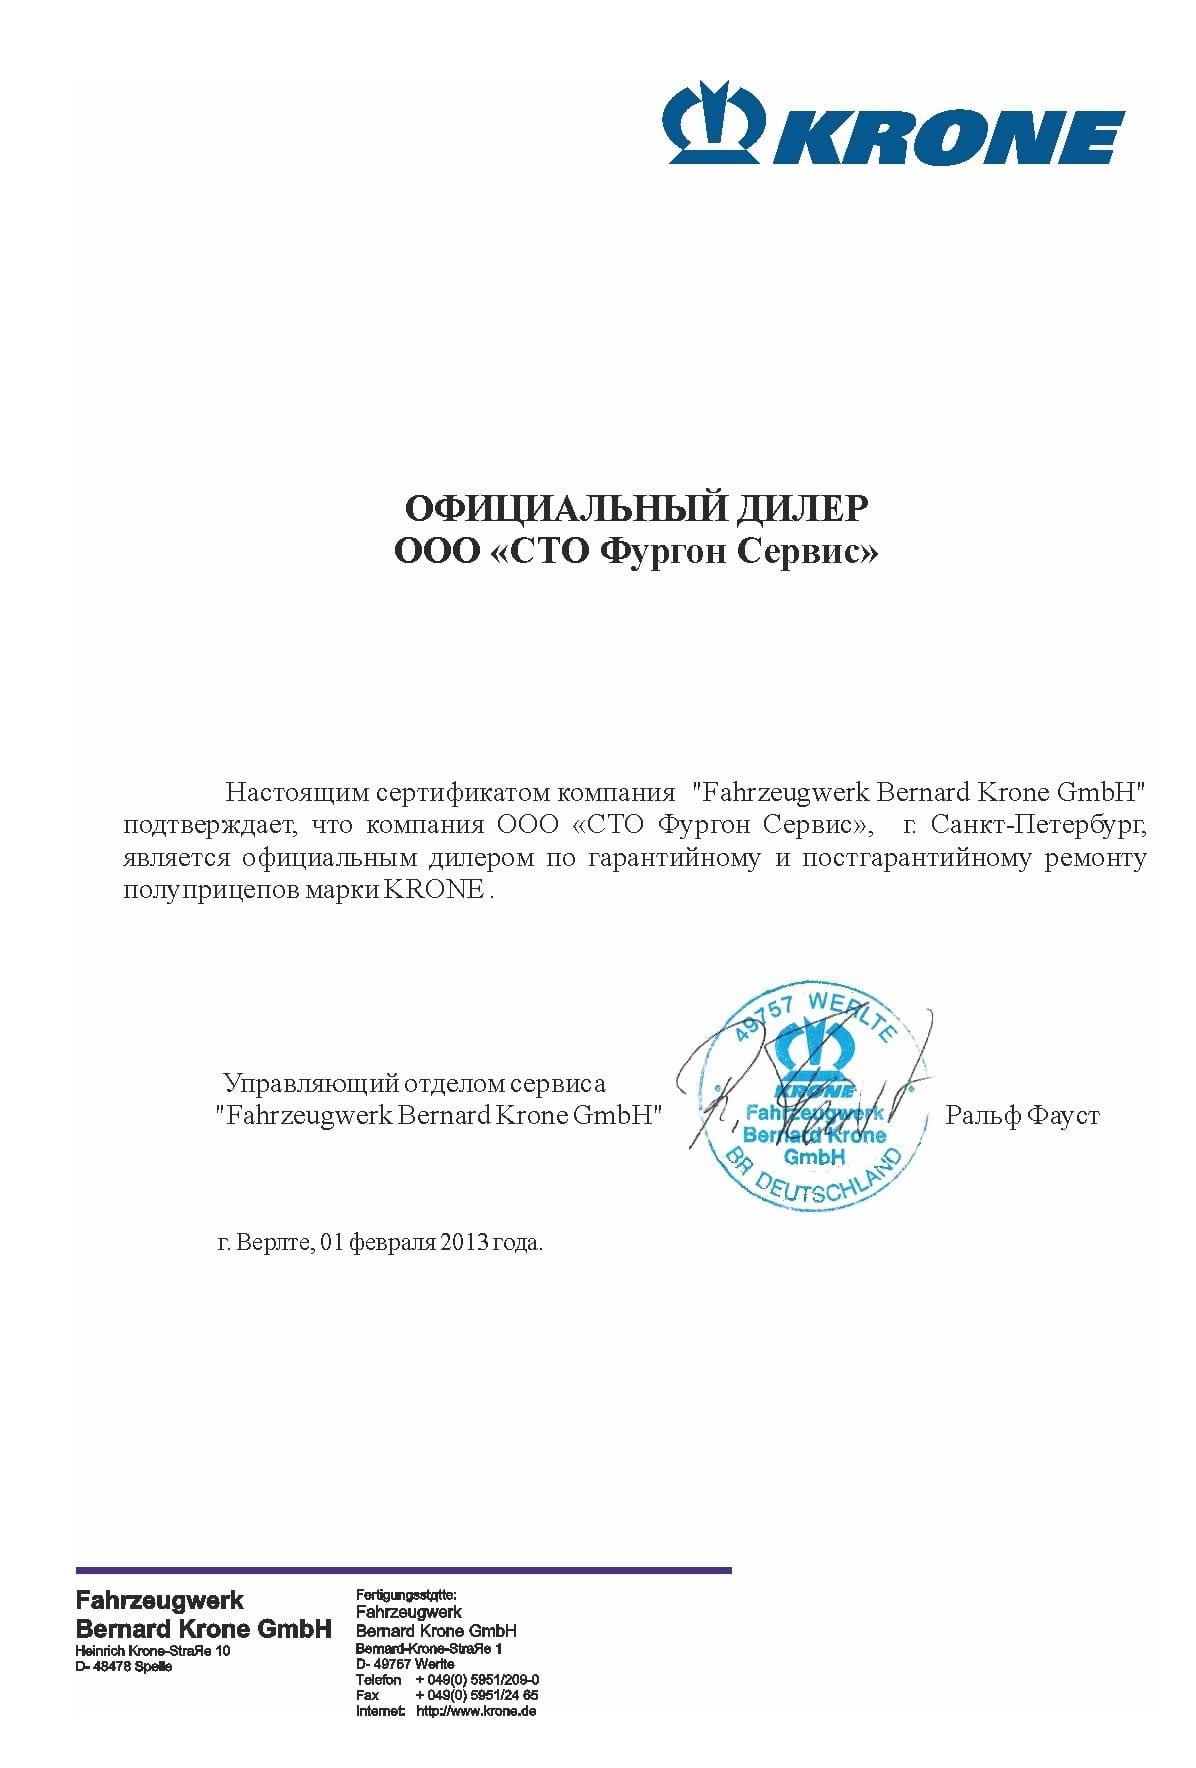 servisnoe_obslyjivanie_furgonov_krone